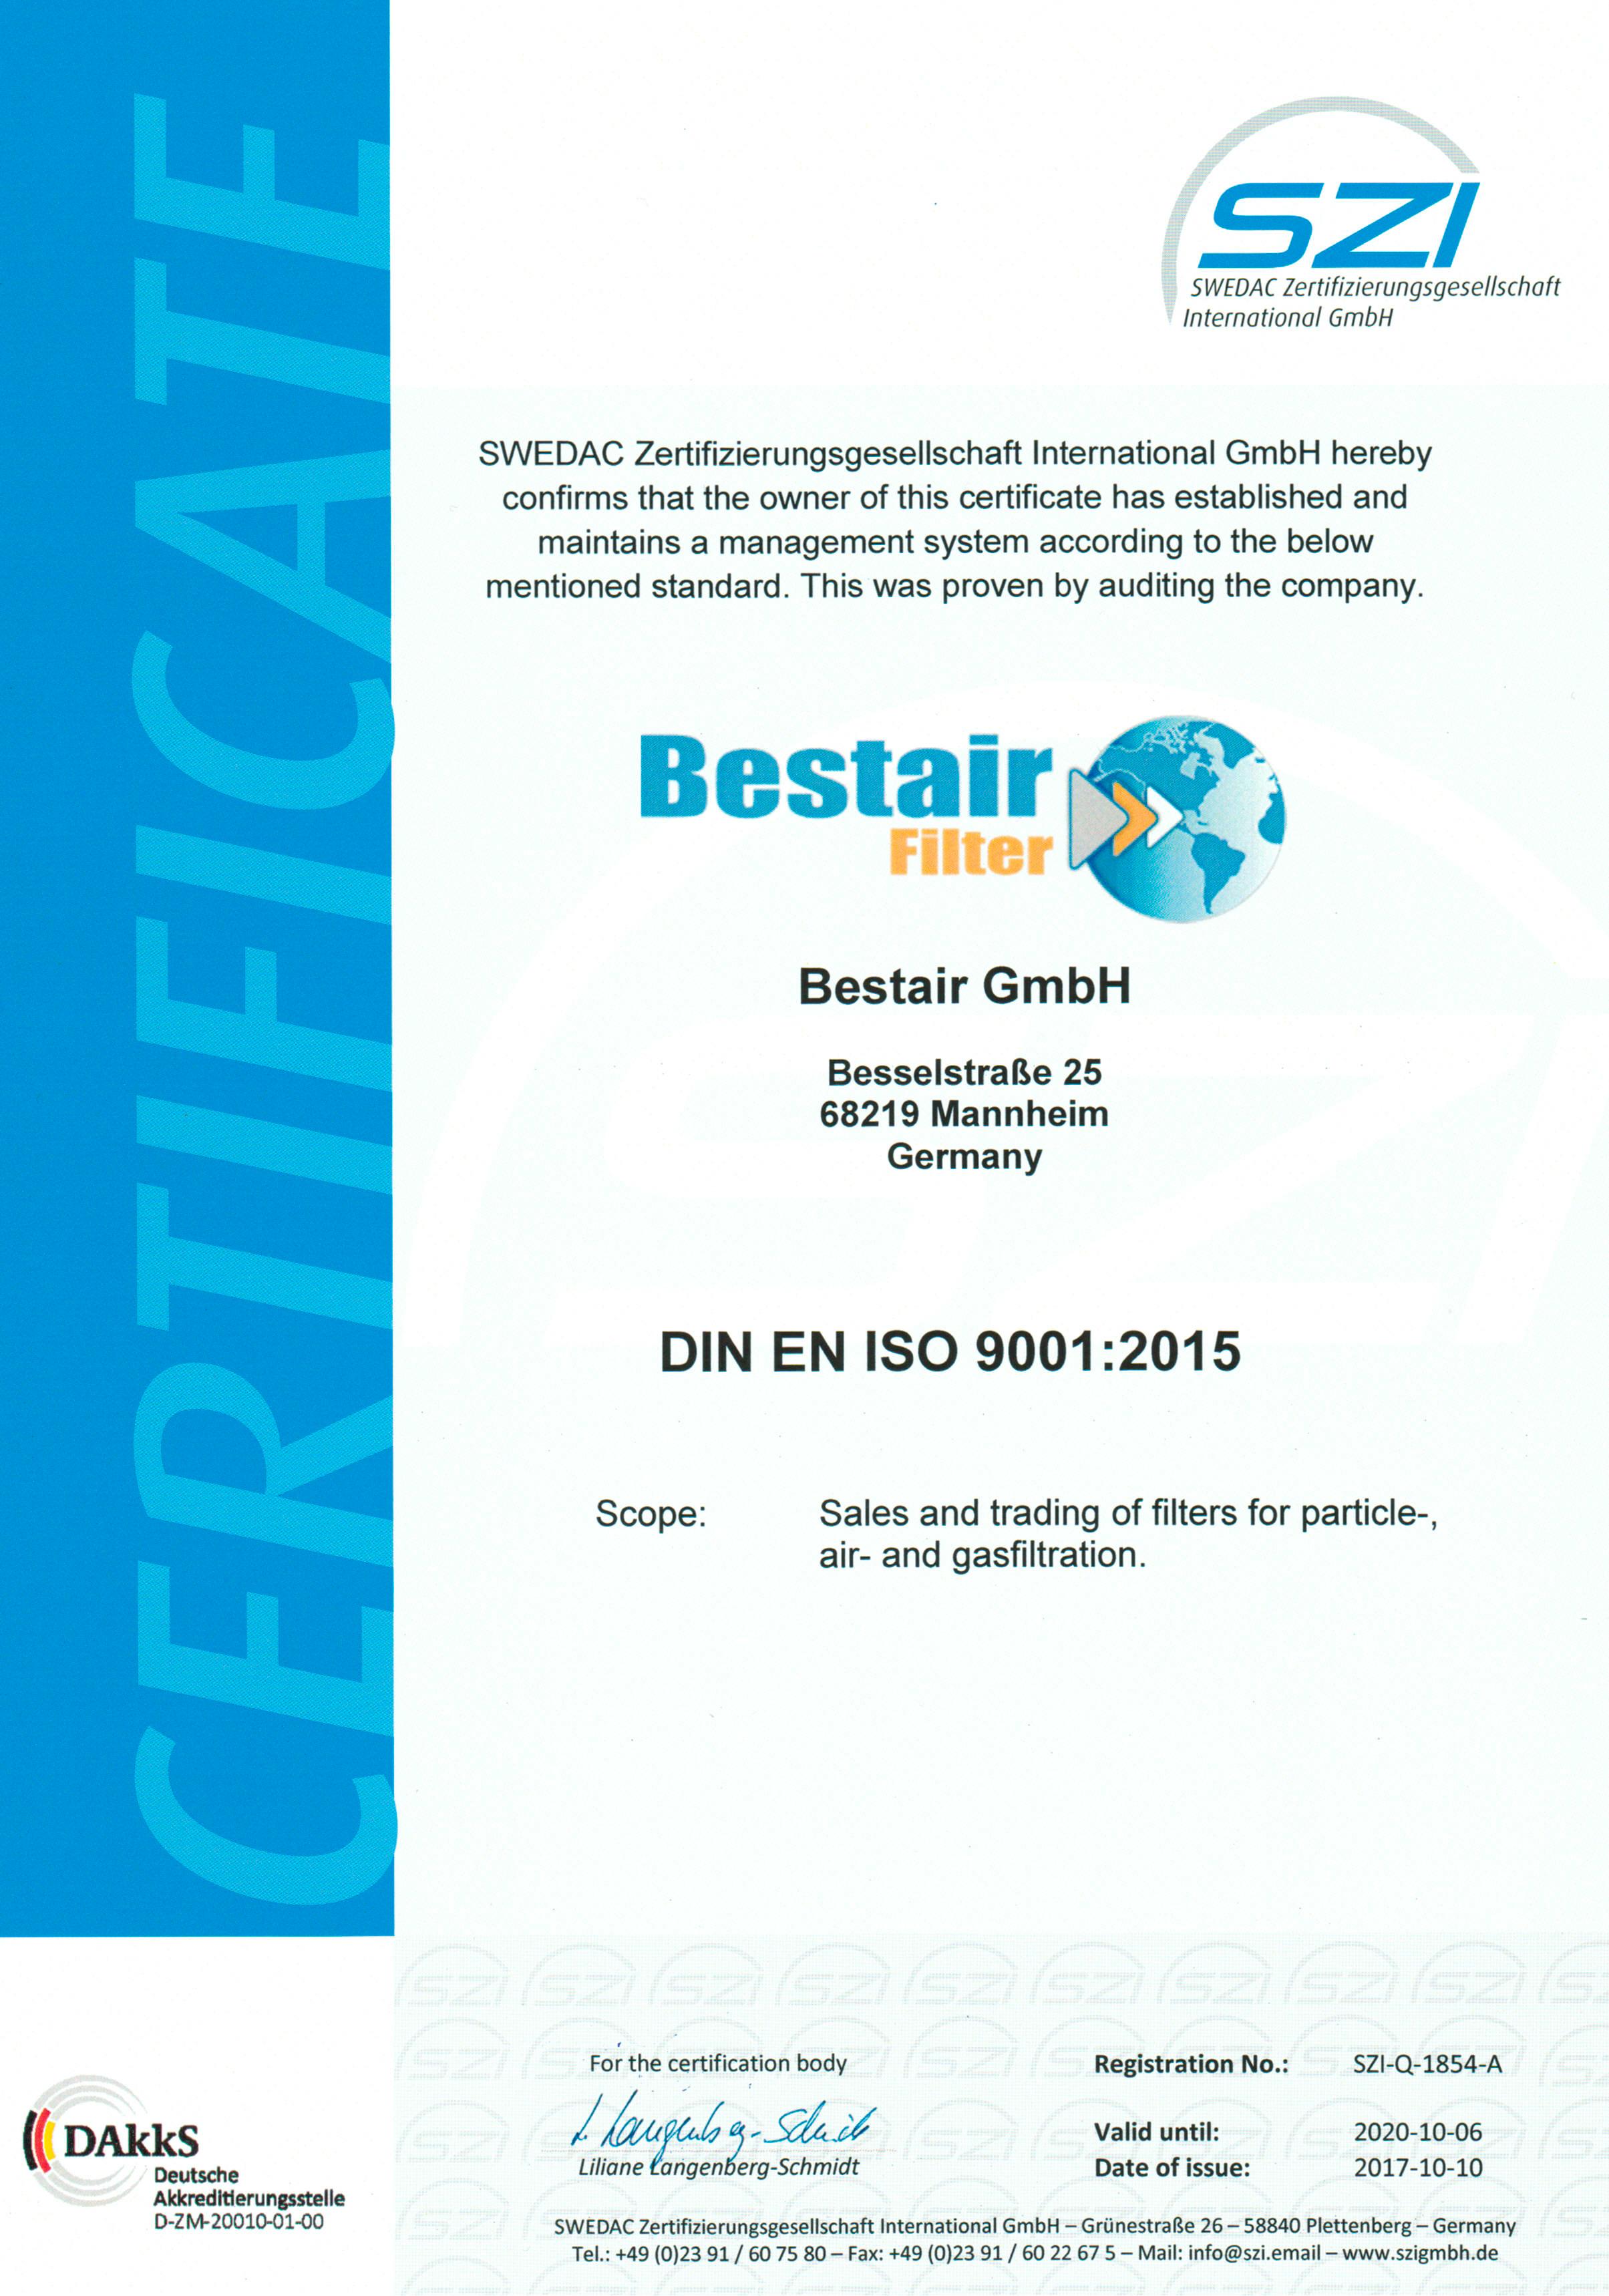 SZI-Q-1854-A-Zertifikat-Bestair-GmbH-e